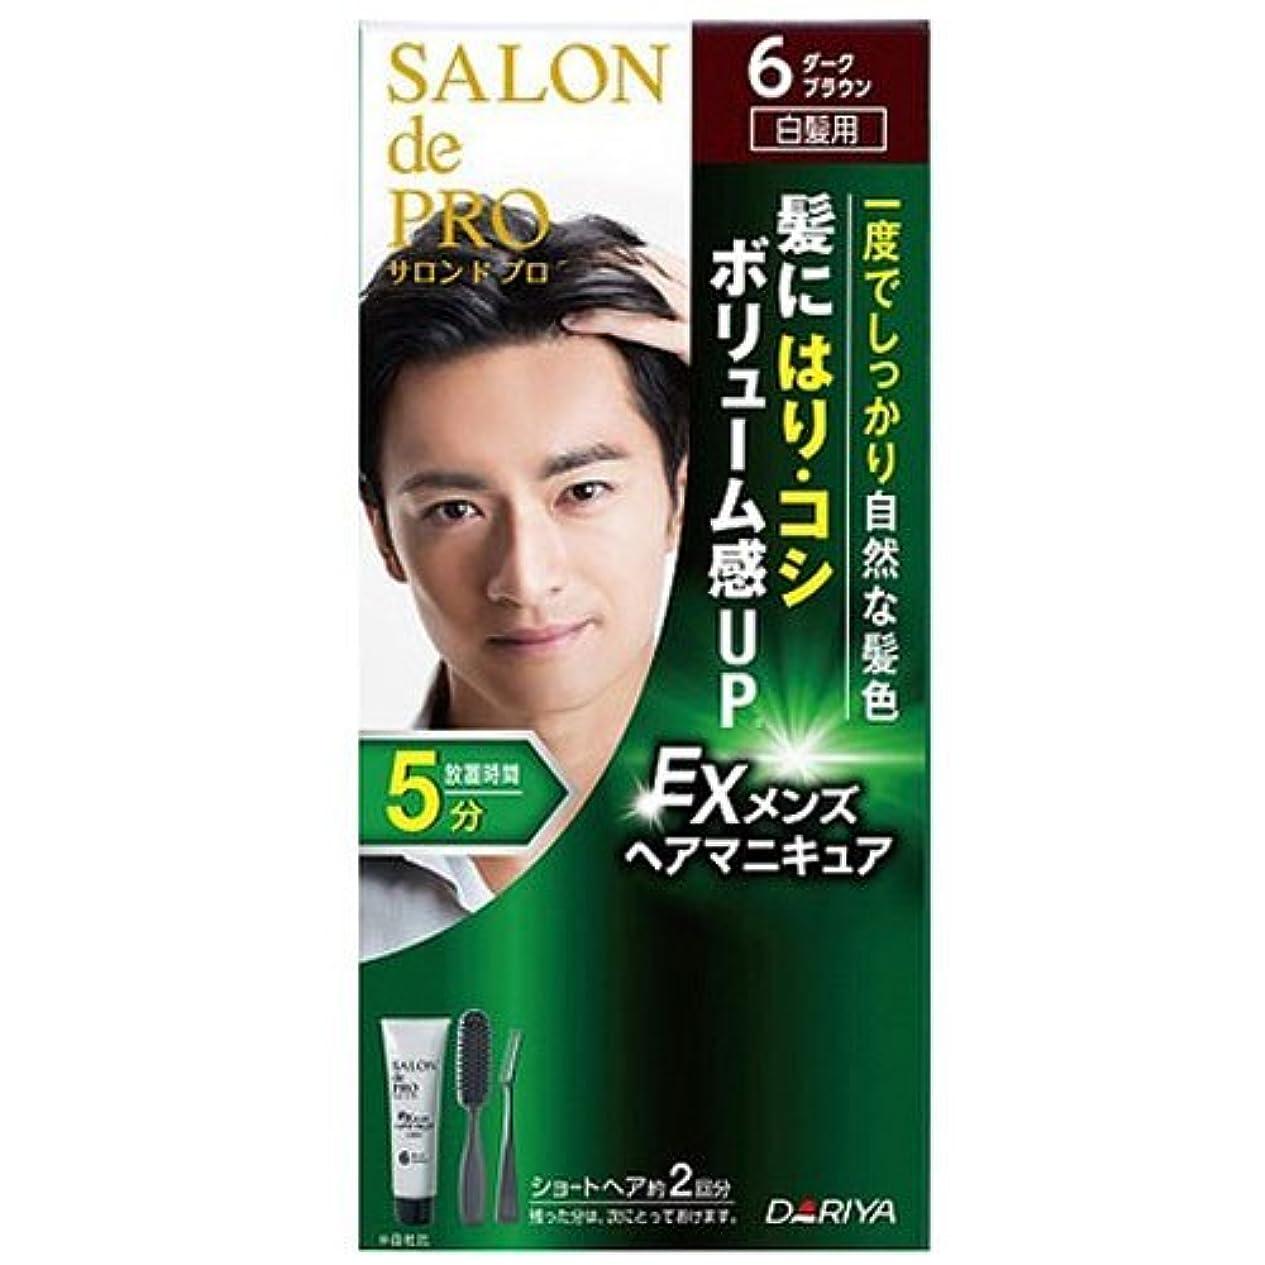 真実命令的のホストサロンドプロ EXメンズヘアマニキュア 白髪用 6 ダークブラウン